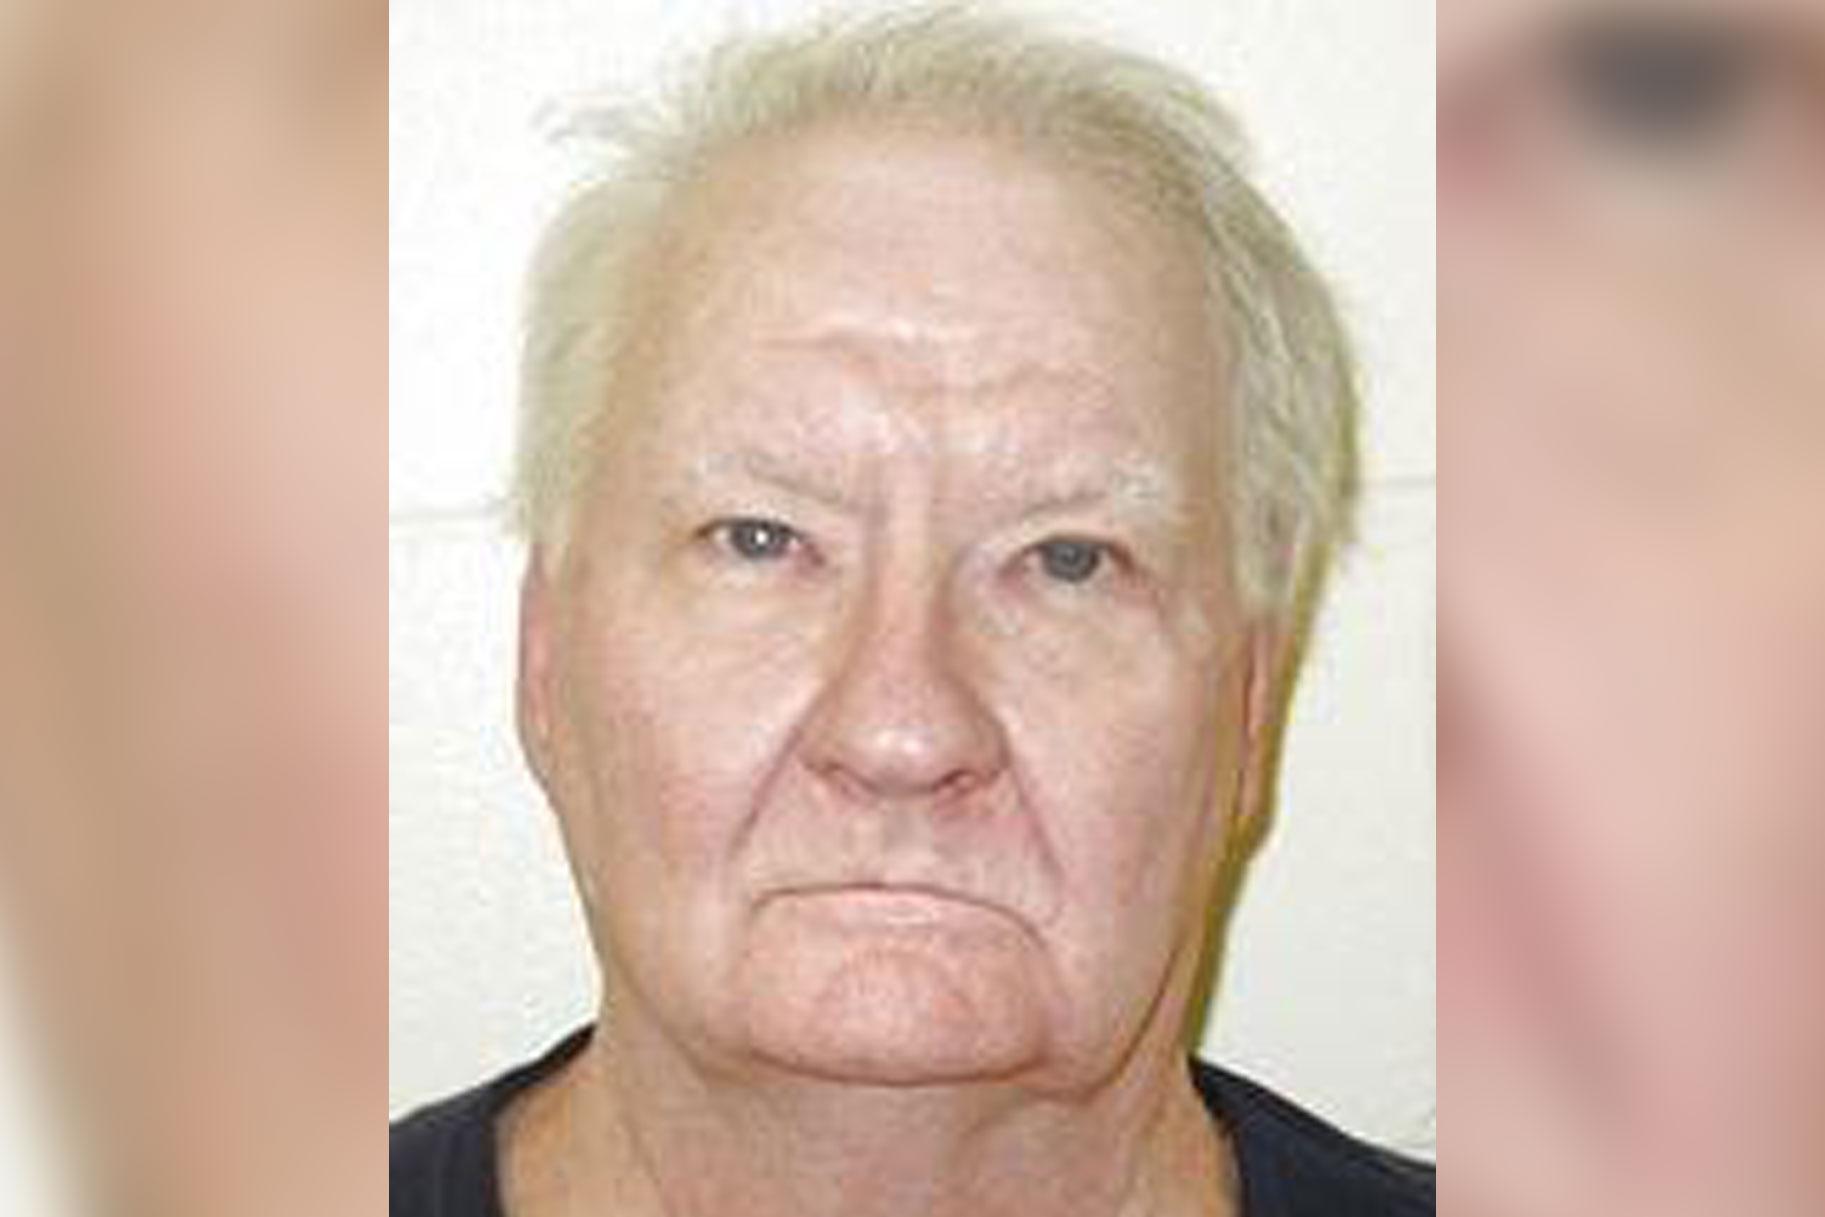 Καταδικασμένος δολοφόνος ισχυρίζεται ότι εκτίμησε ποινή ζωής για προσωρινό θάνατο - Το αγόρασε το δικαστήριο;